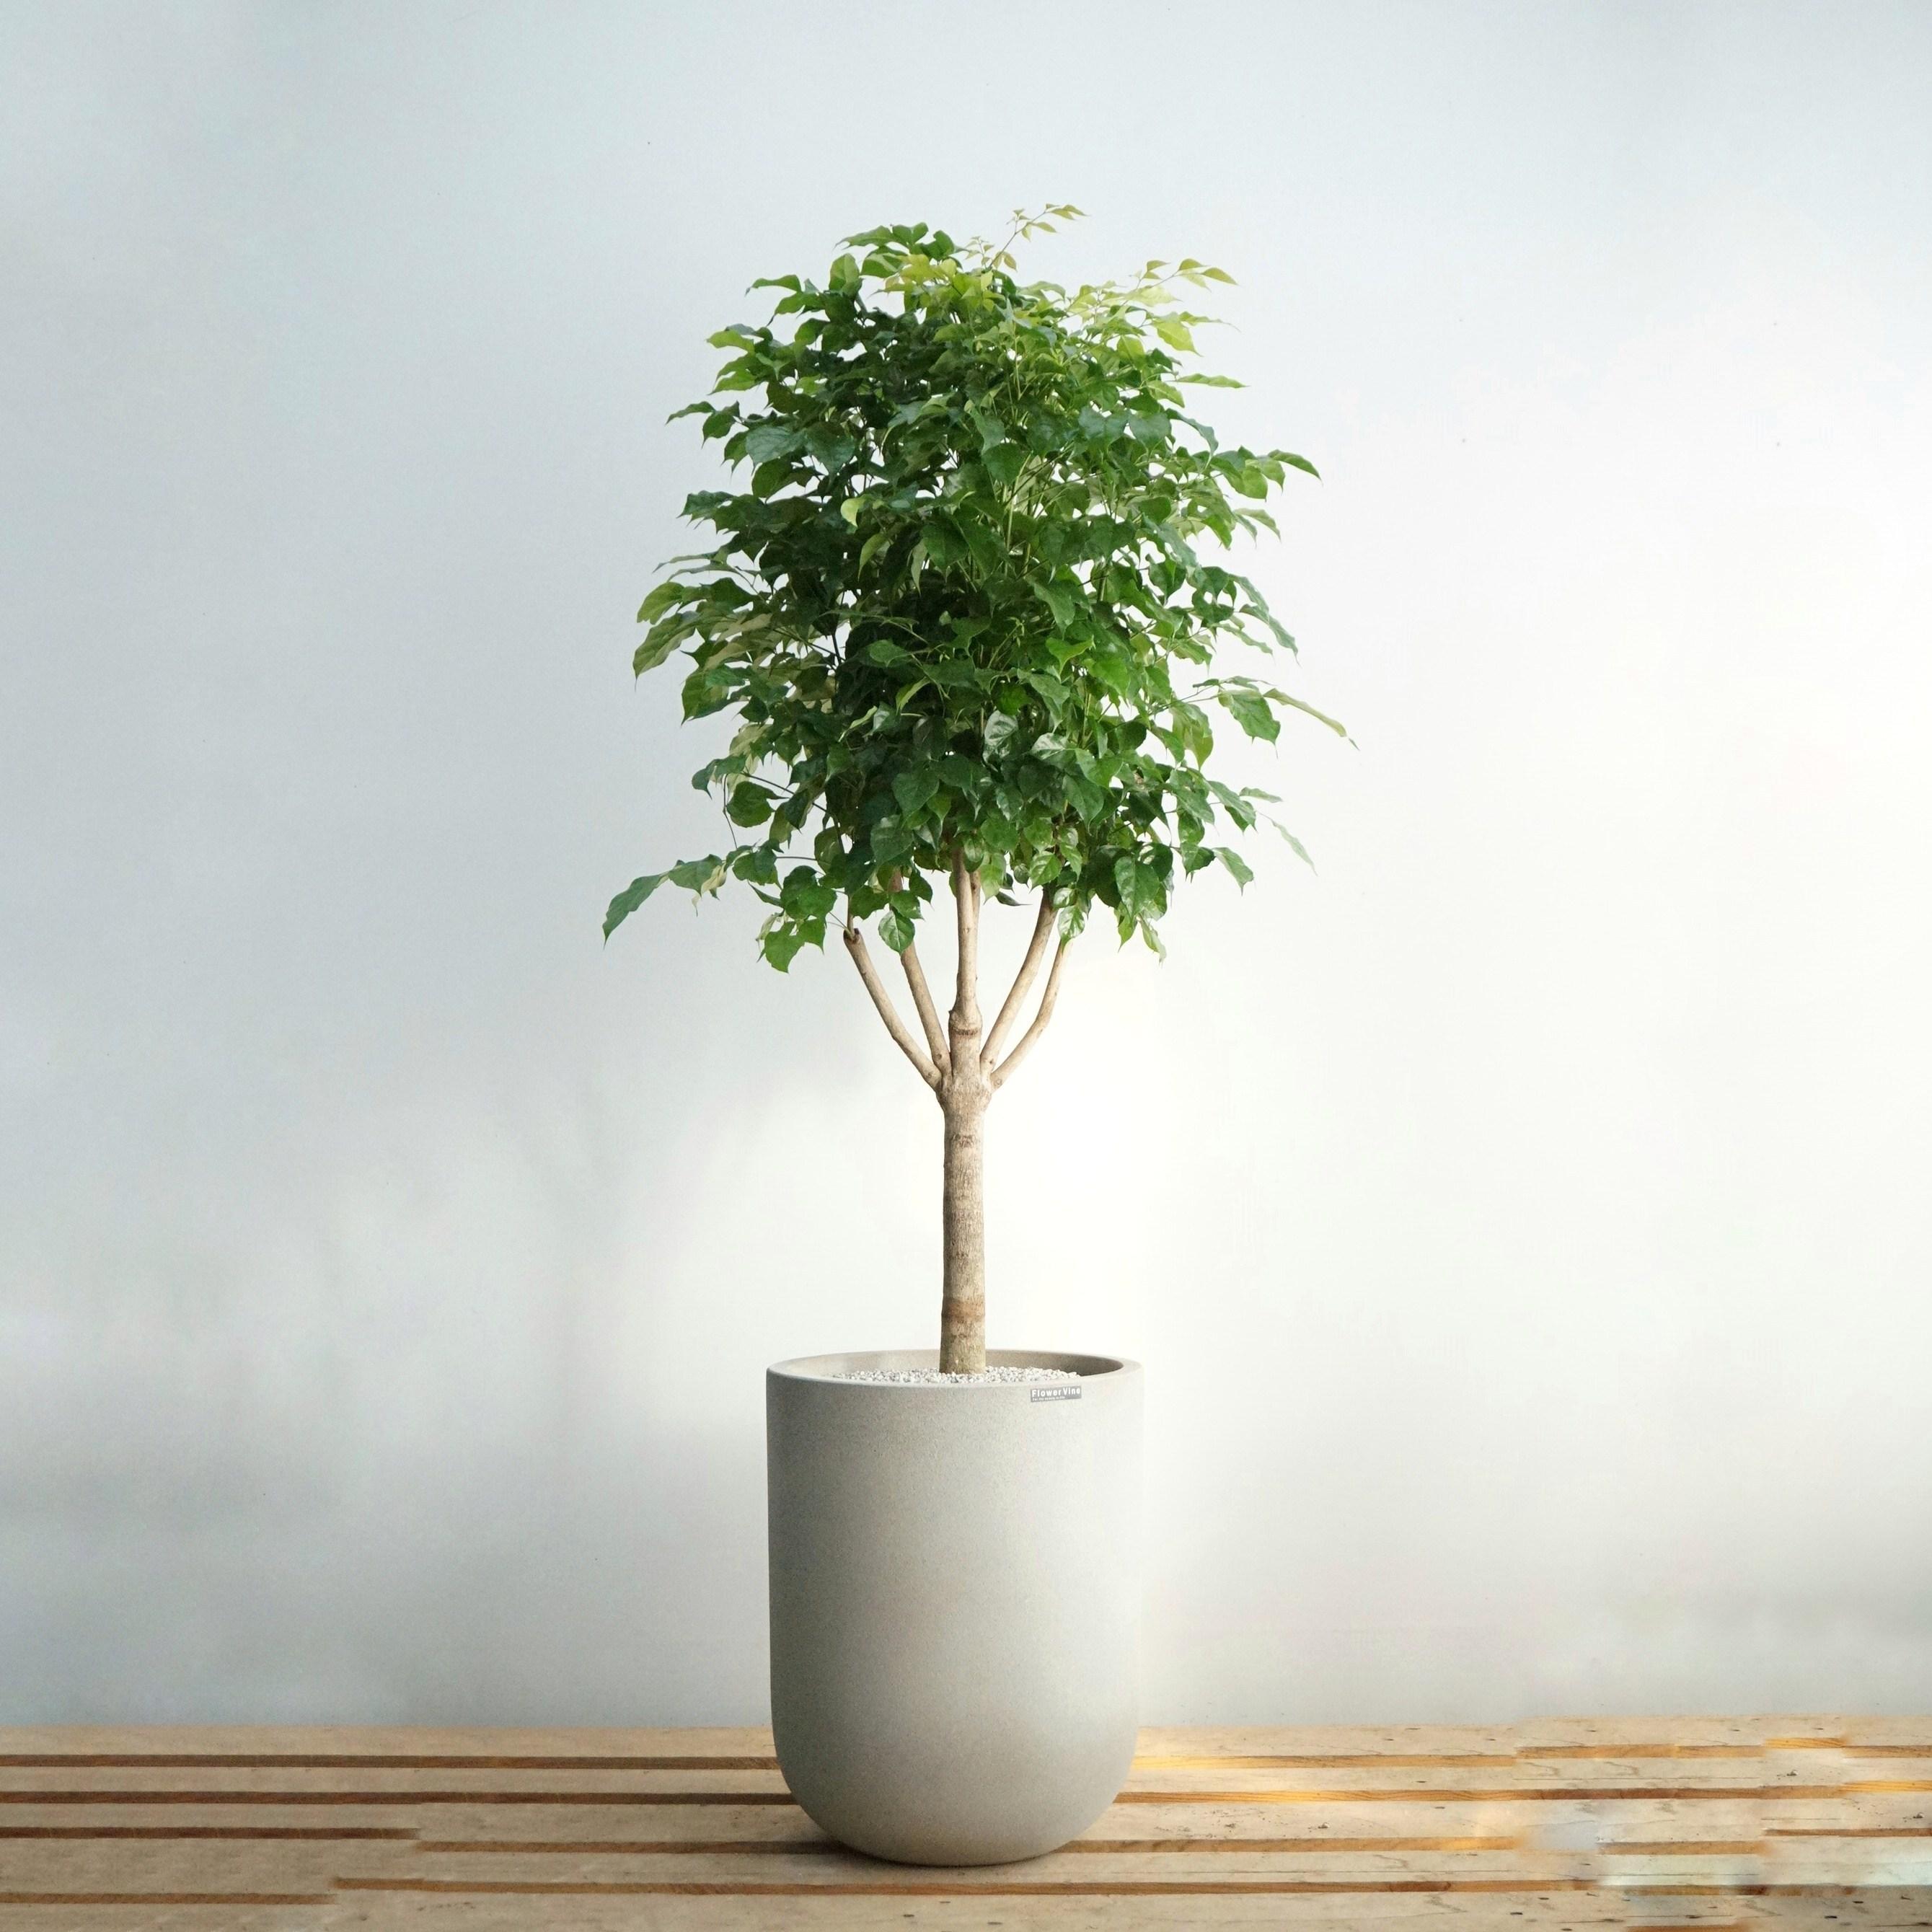 플라워바인 대형 녹보수 빈티지그레이화분 개업 그늘에서잘자라는 인테리어 공기정화 실내식물